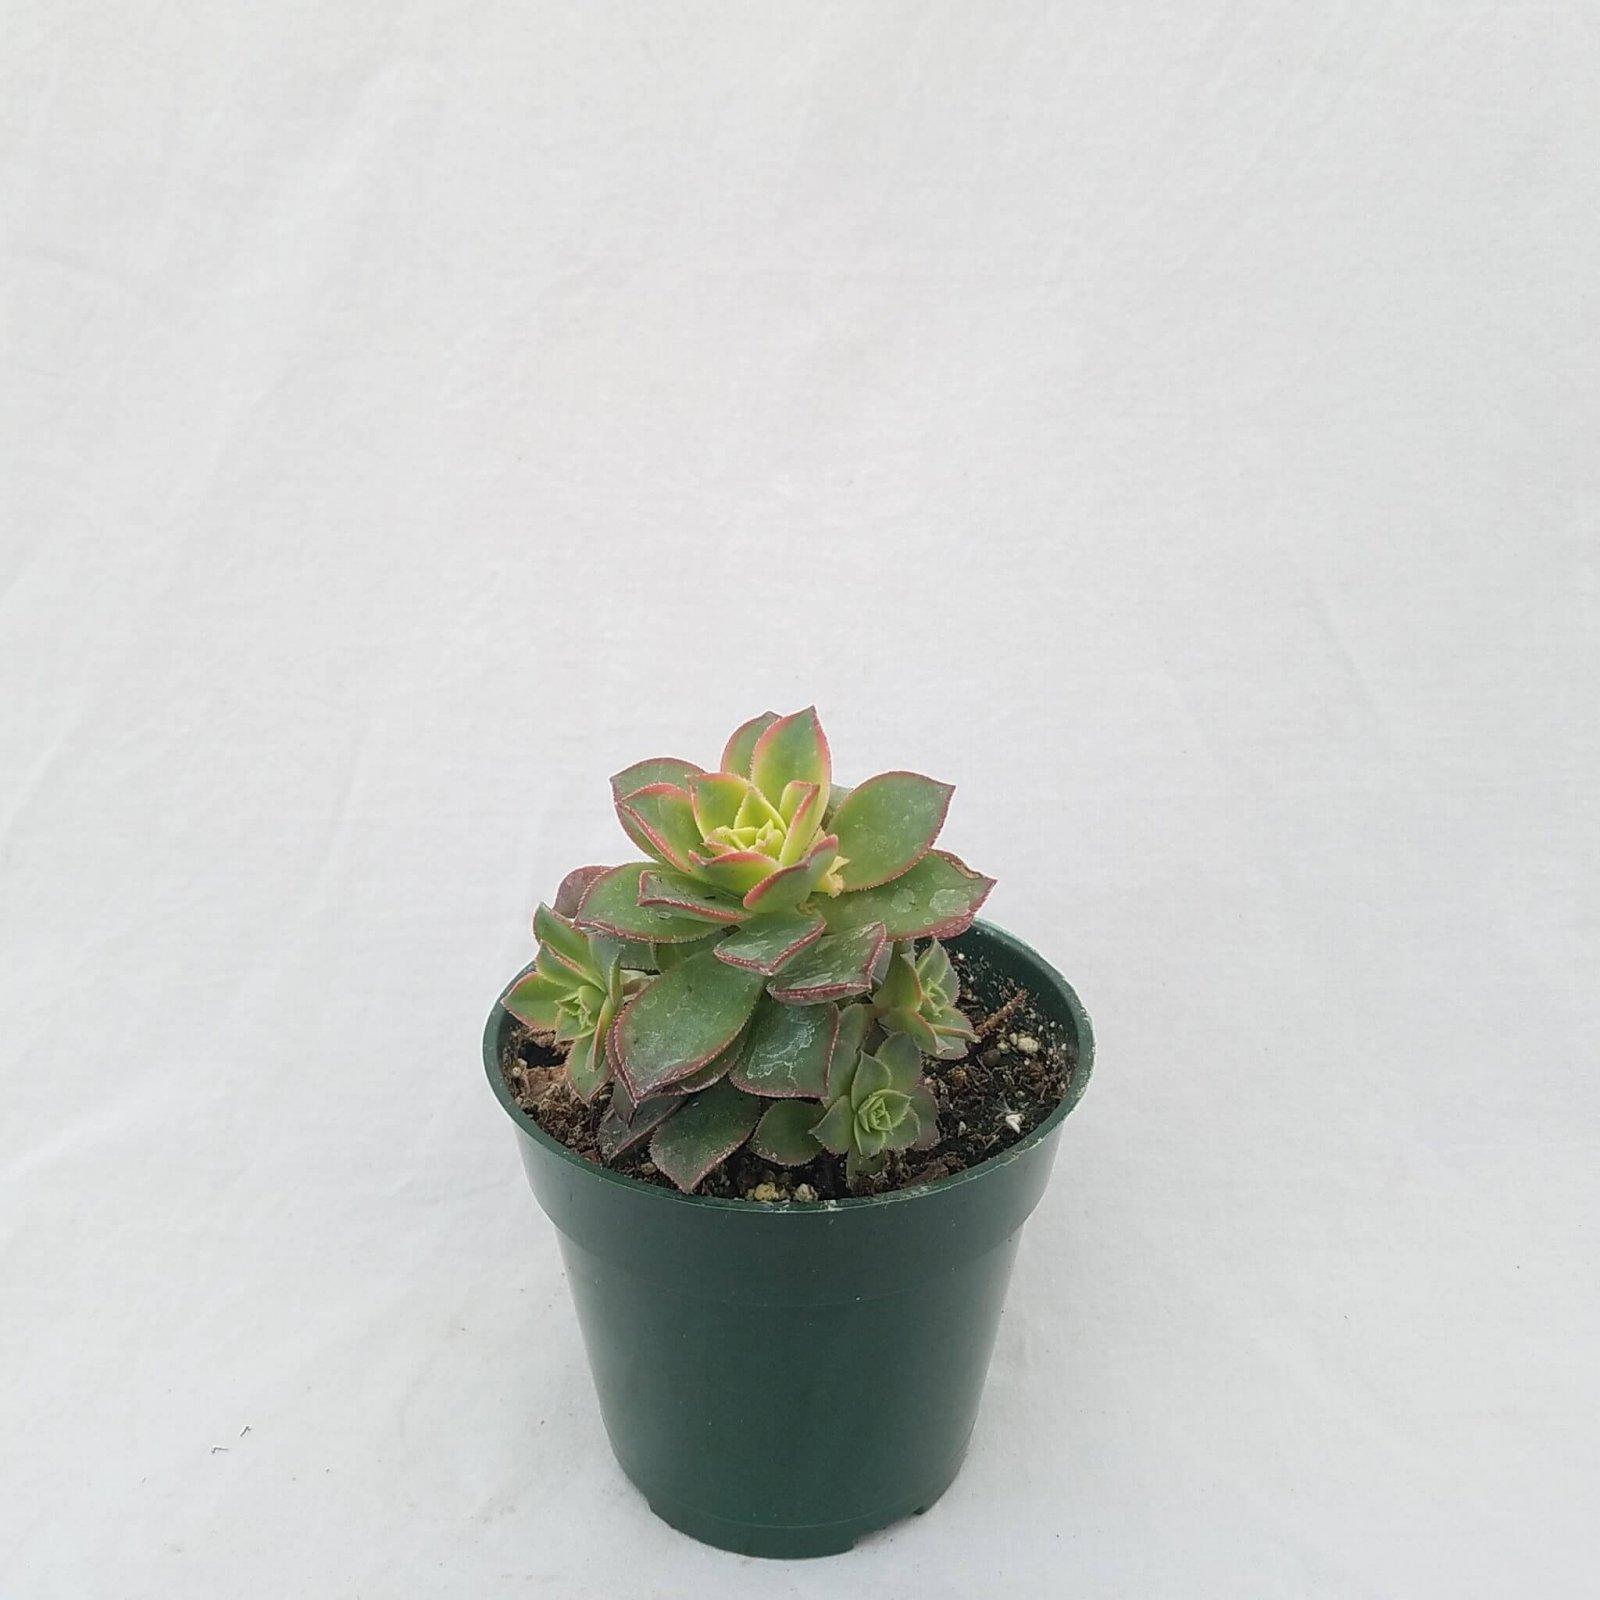 Aeonium hybrid 'Kiwi' - 4 1/2